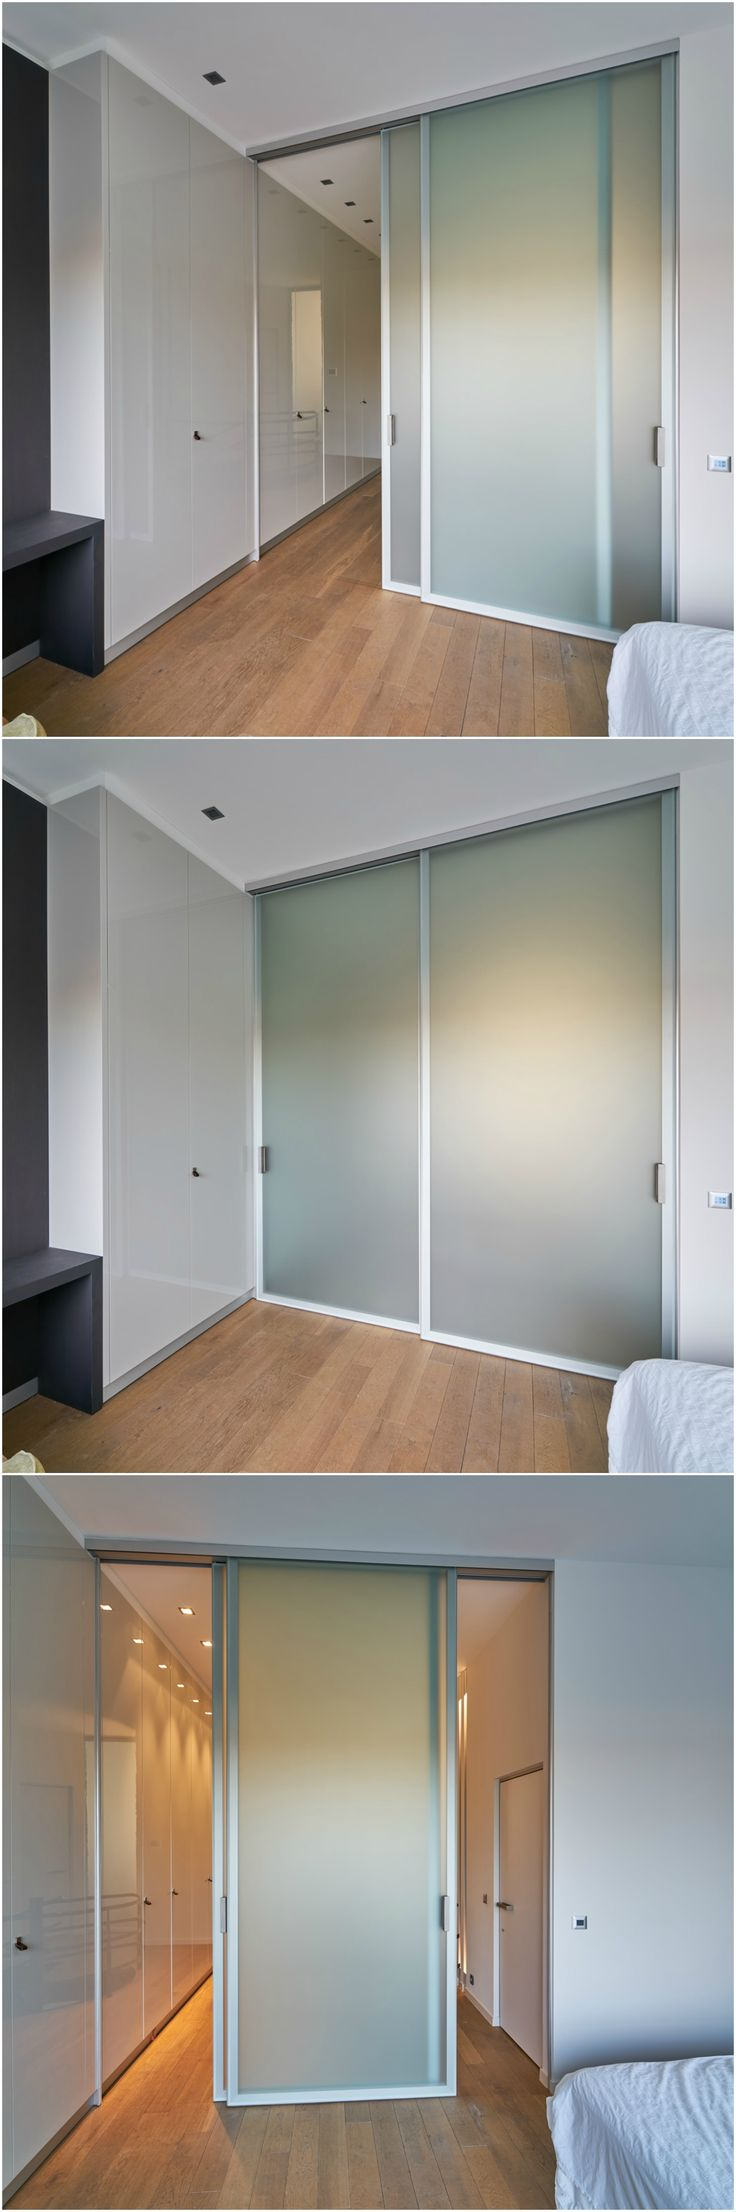 Dubbele glazen schuifdeur in mat gezuurd glas uitgevoerd, waarbij beide panelen over elkaar kunnen schuiven.